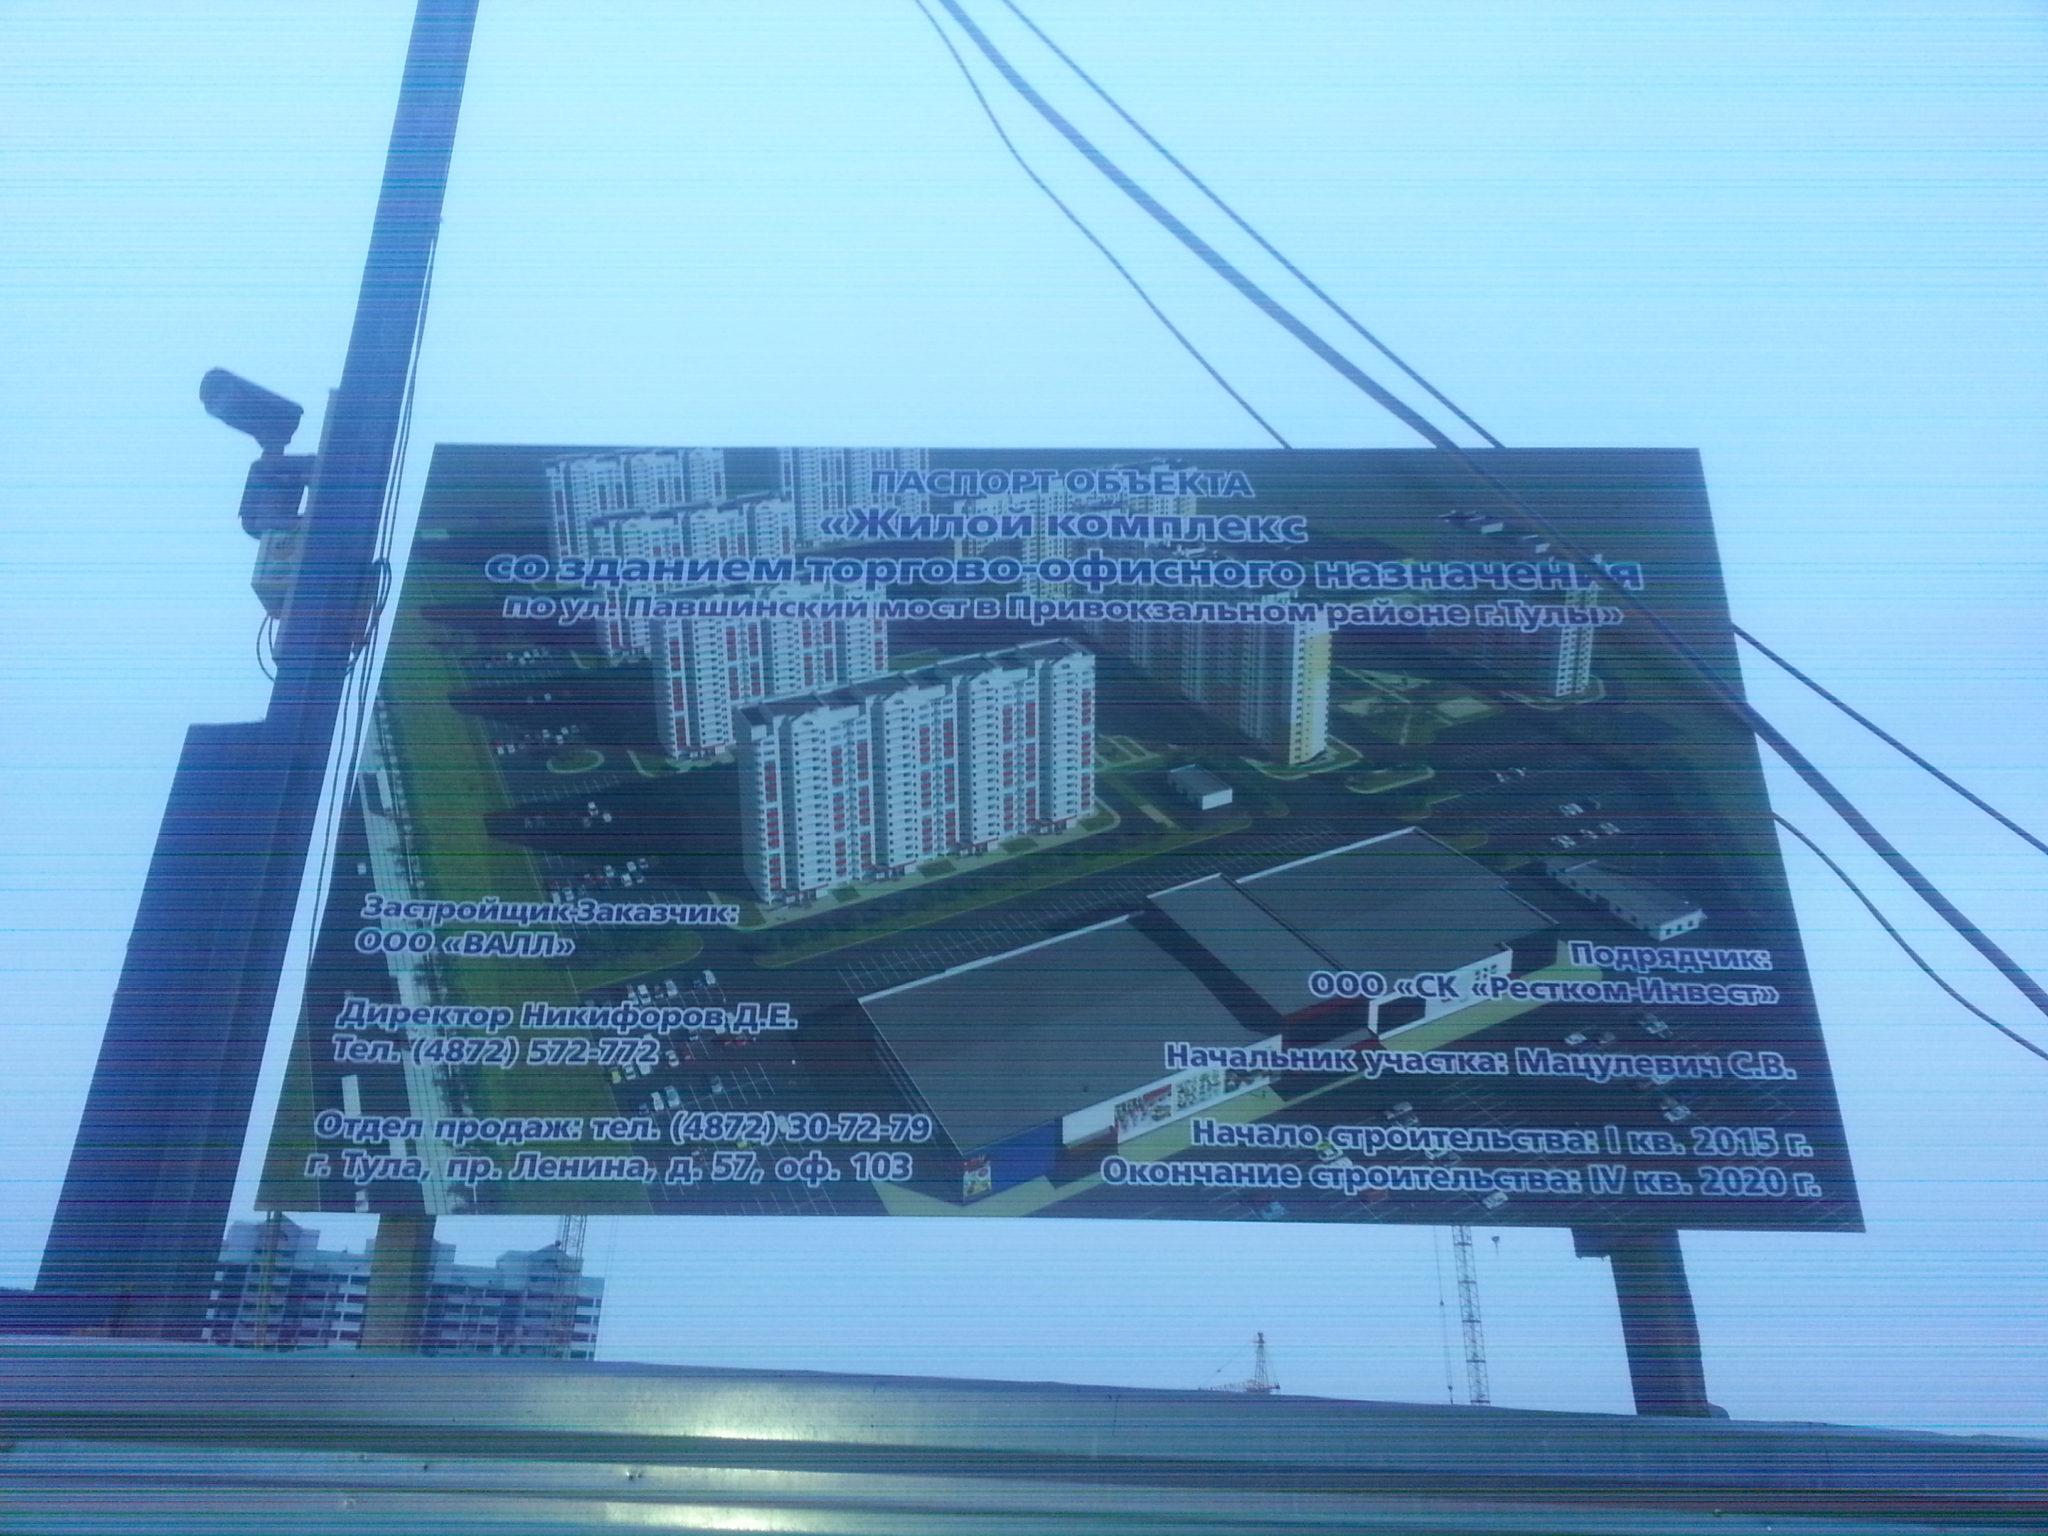 Фото информационного щита по улице Павшинский мост г. Тулы. ООО ВЛАДАР, ООО ВАЛЛ